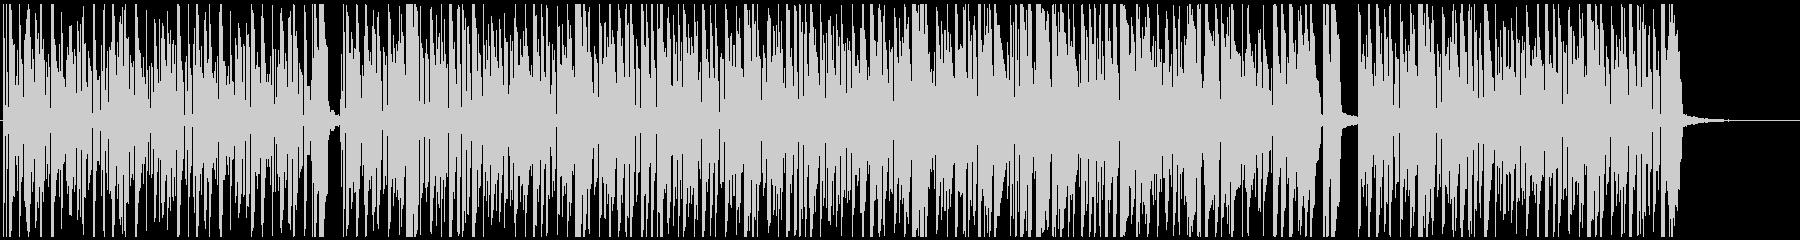 サラサラ ジャズ フュージョン フ...の未再生の波形